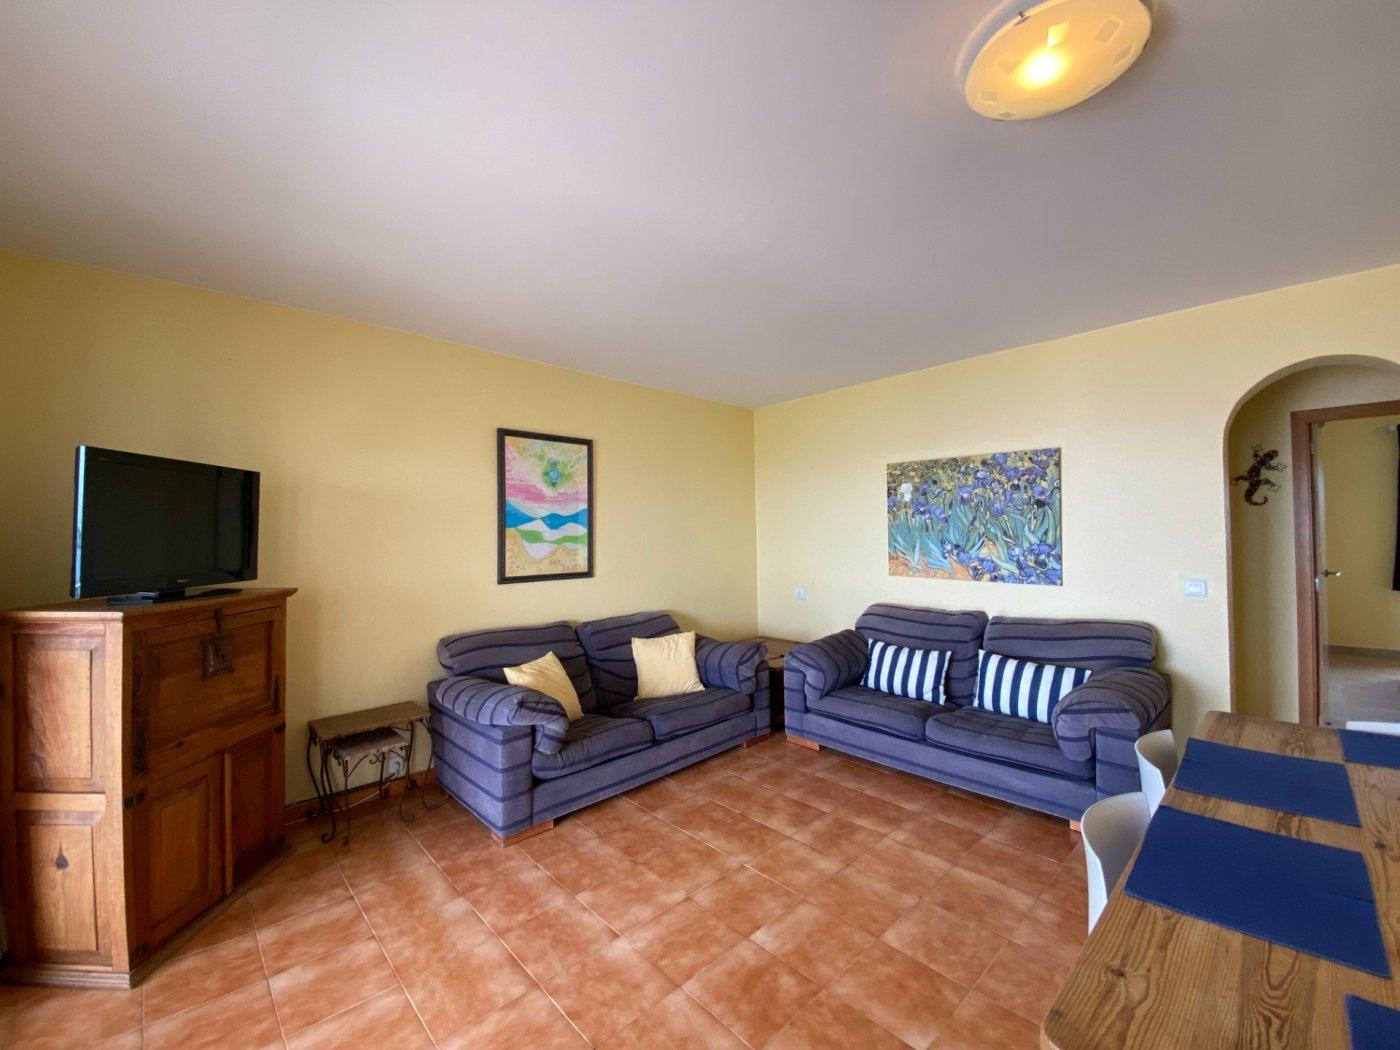 Apartamento con licencia turística en son bou - imagenInmueble2